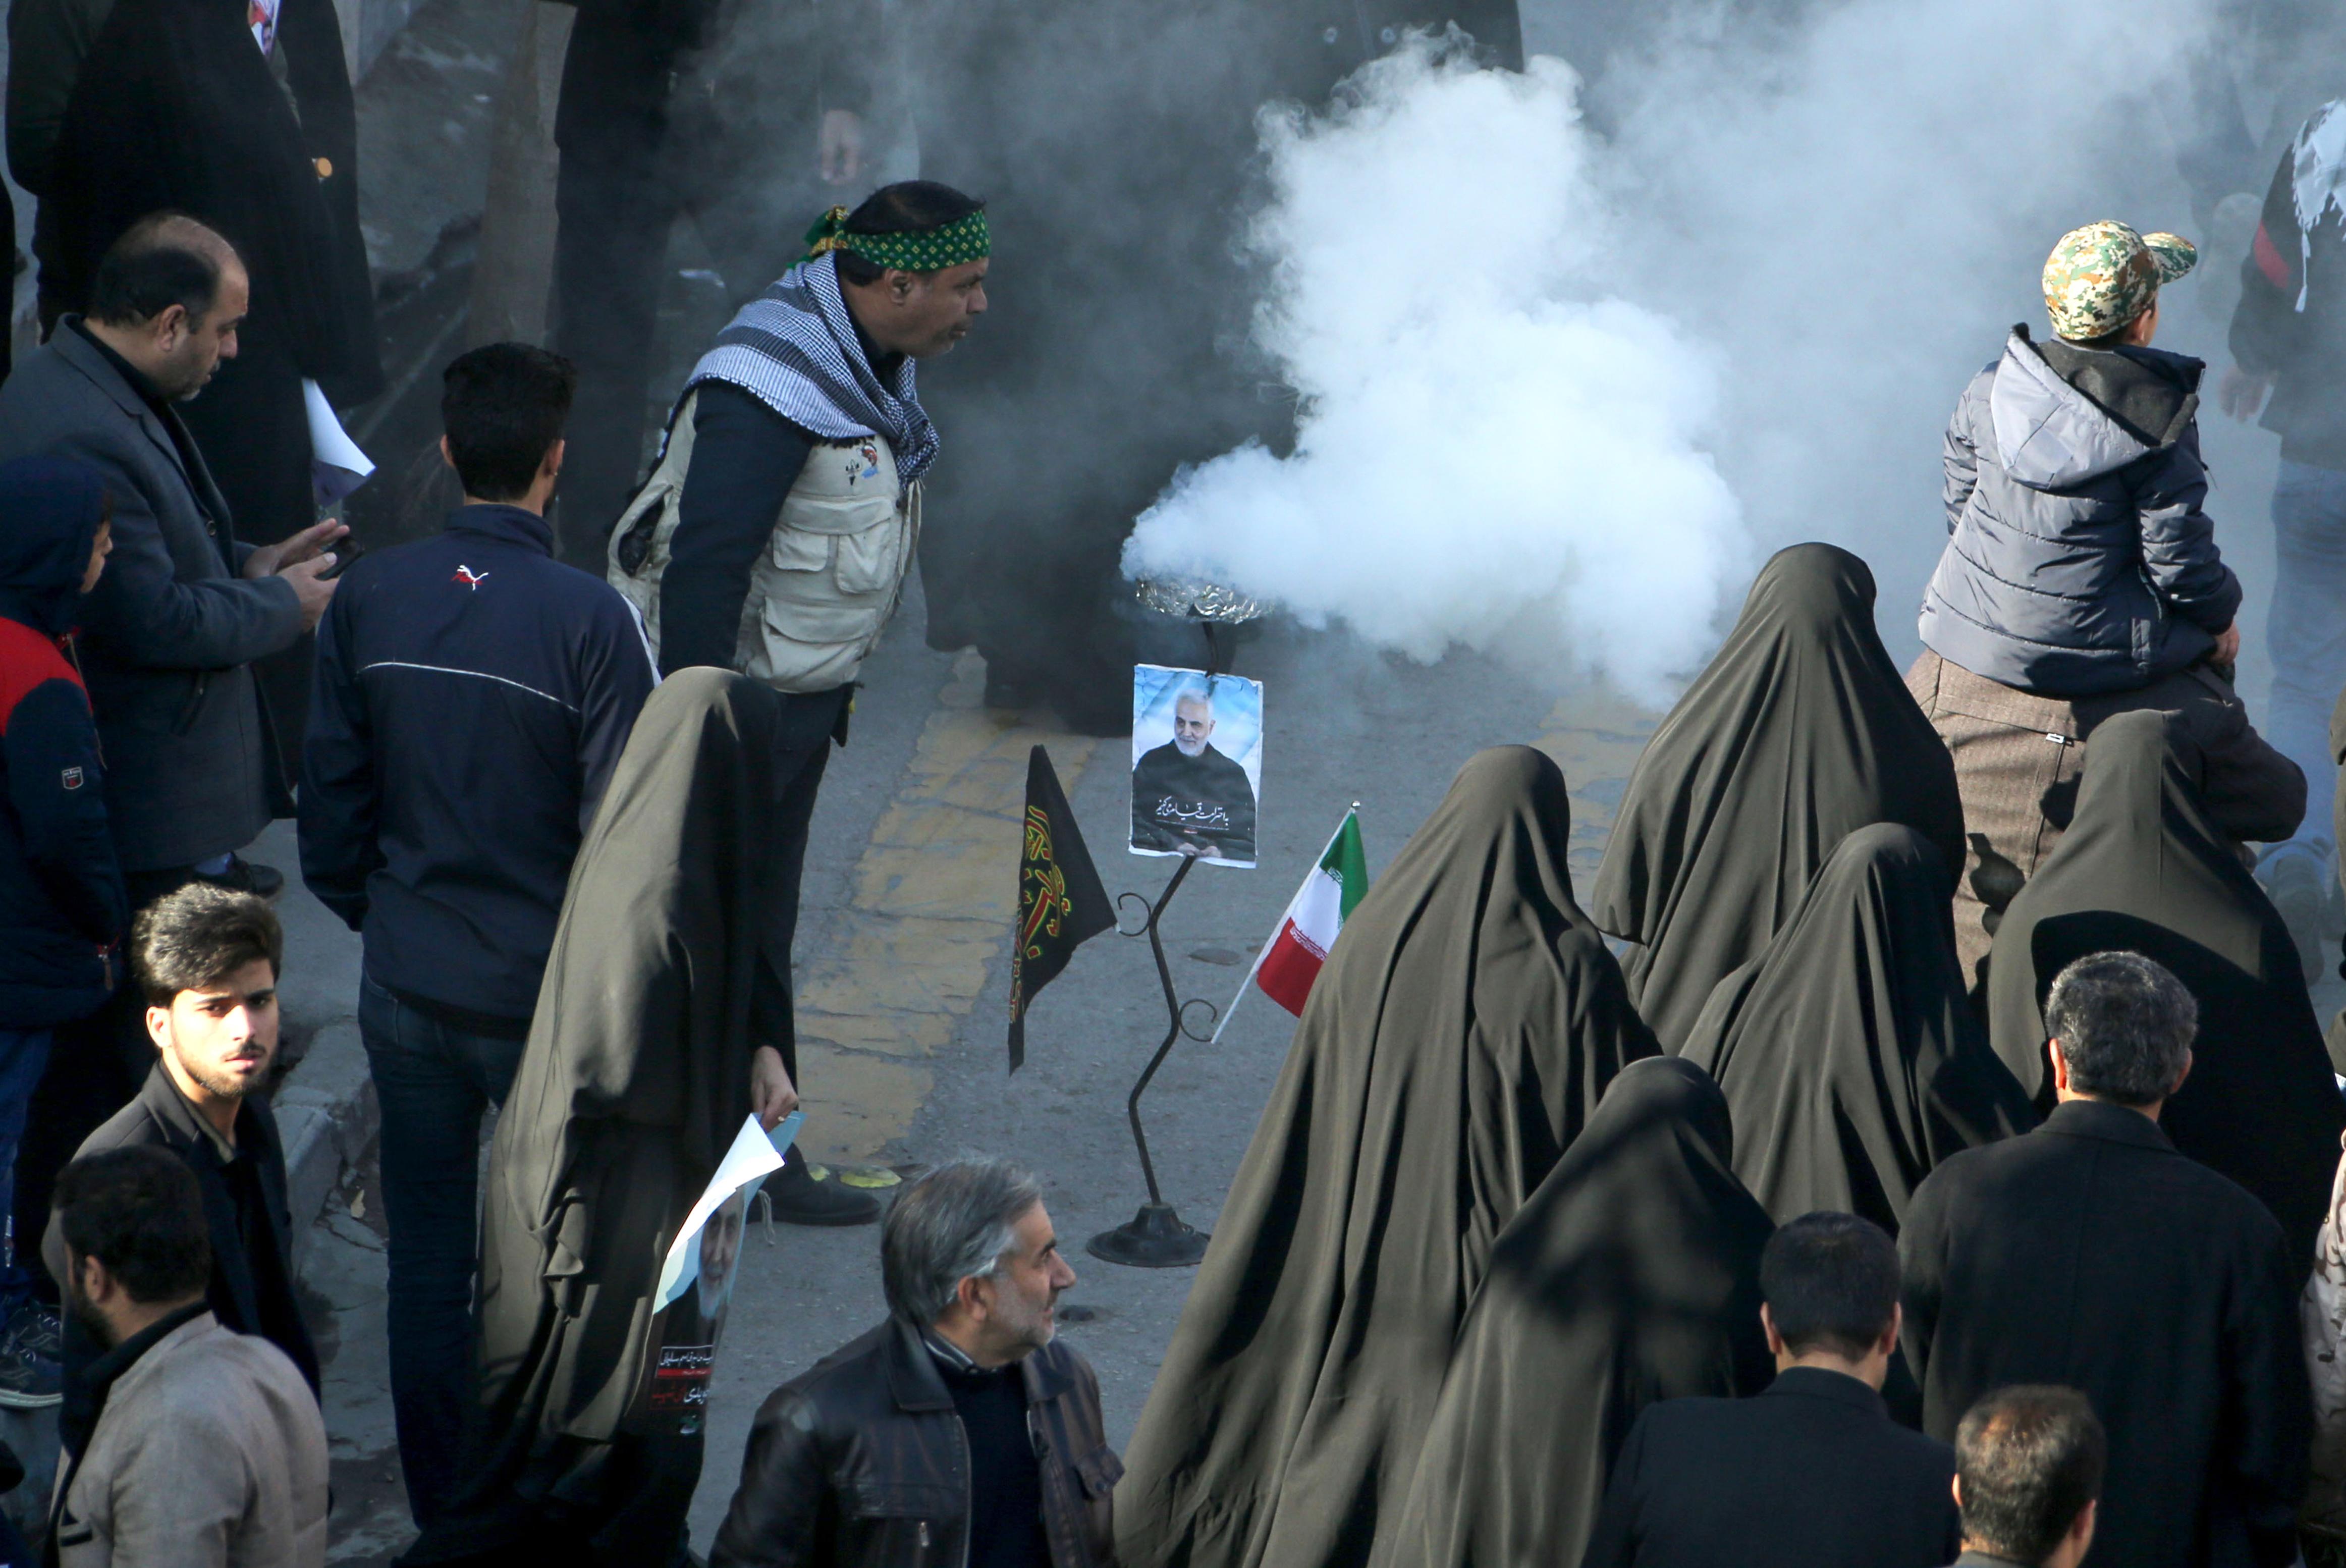 Pánik tört ki Szulejmani temetésén a tömegben, többen meghaltak